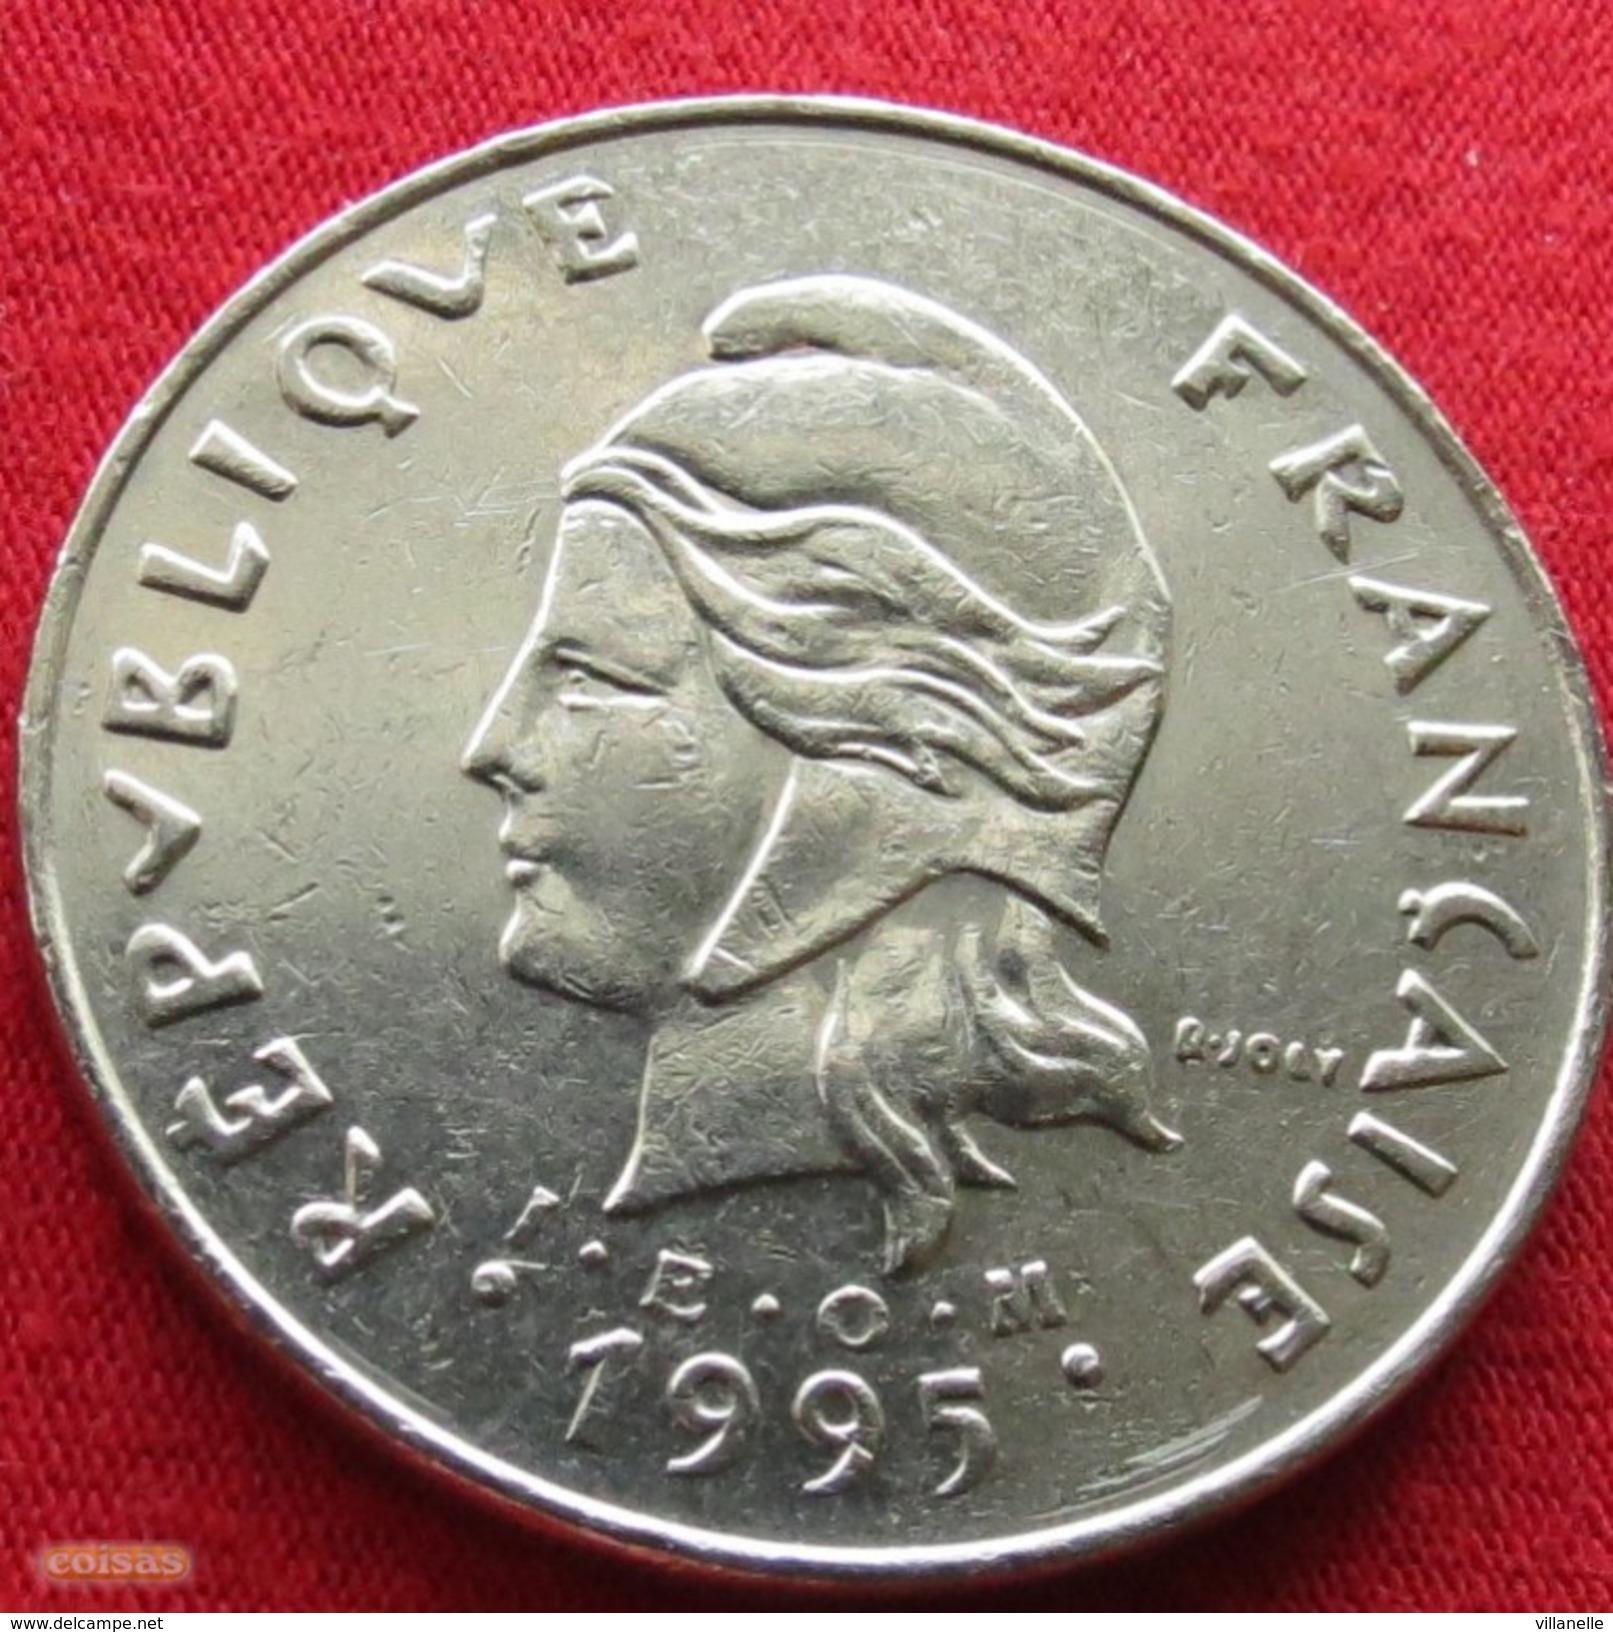 French Polynesia 50 Francs 1995 KM# 13 Polynesie Polinesia - Polynésie Française